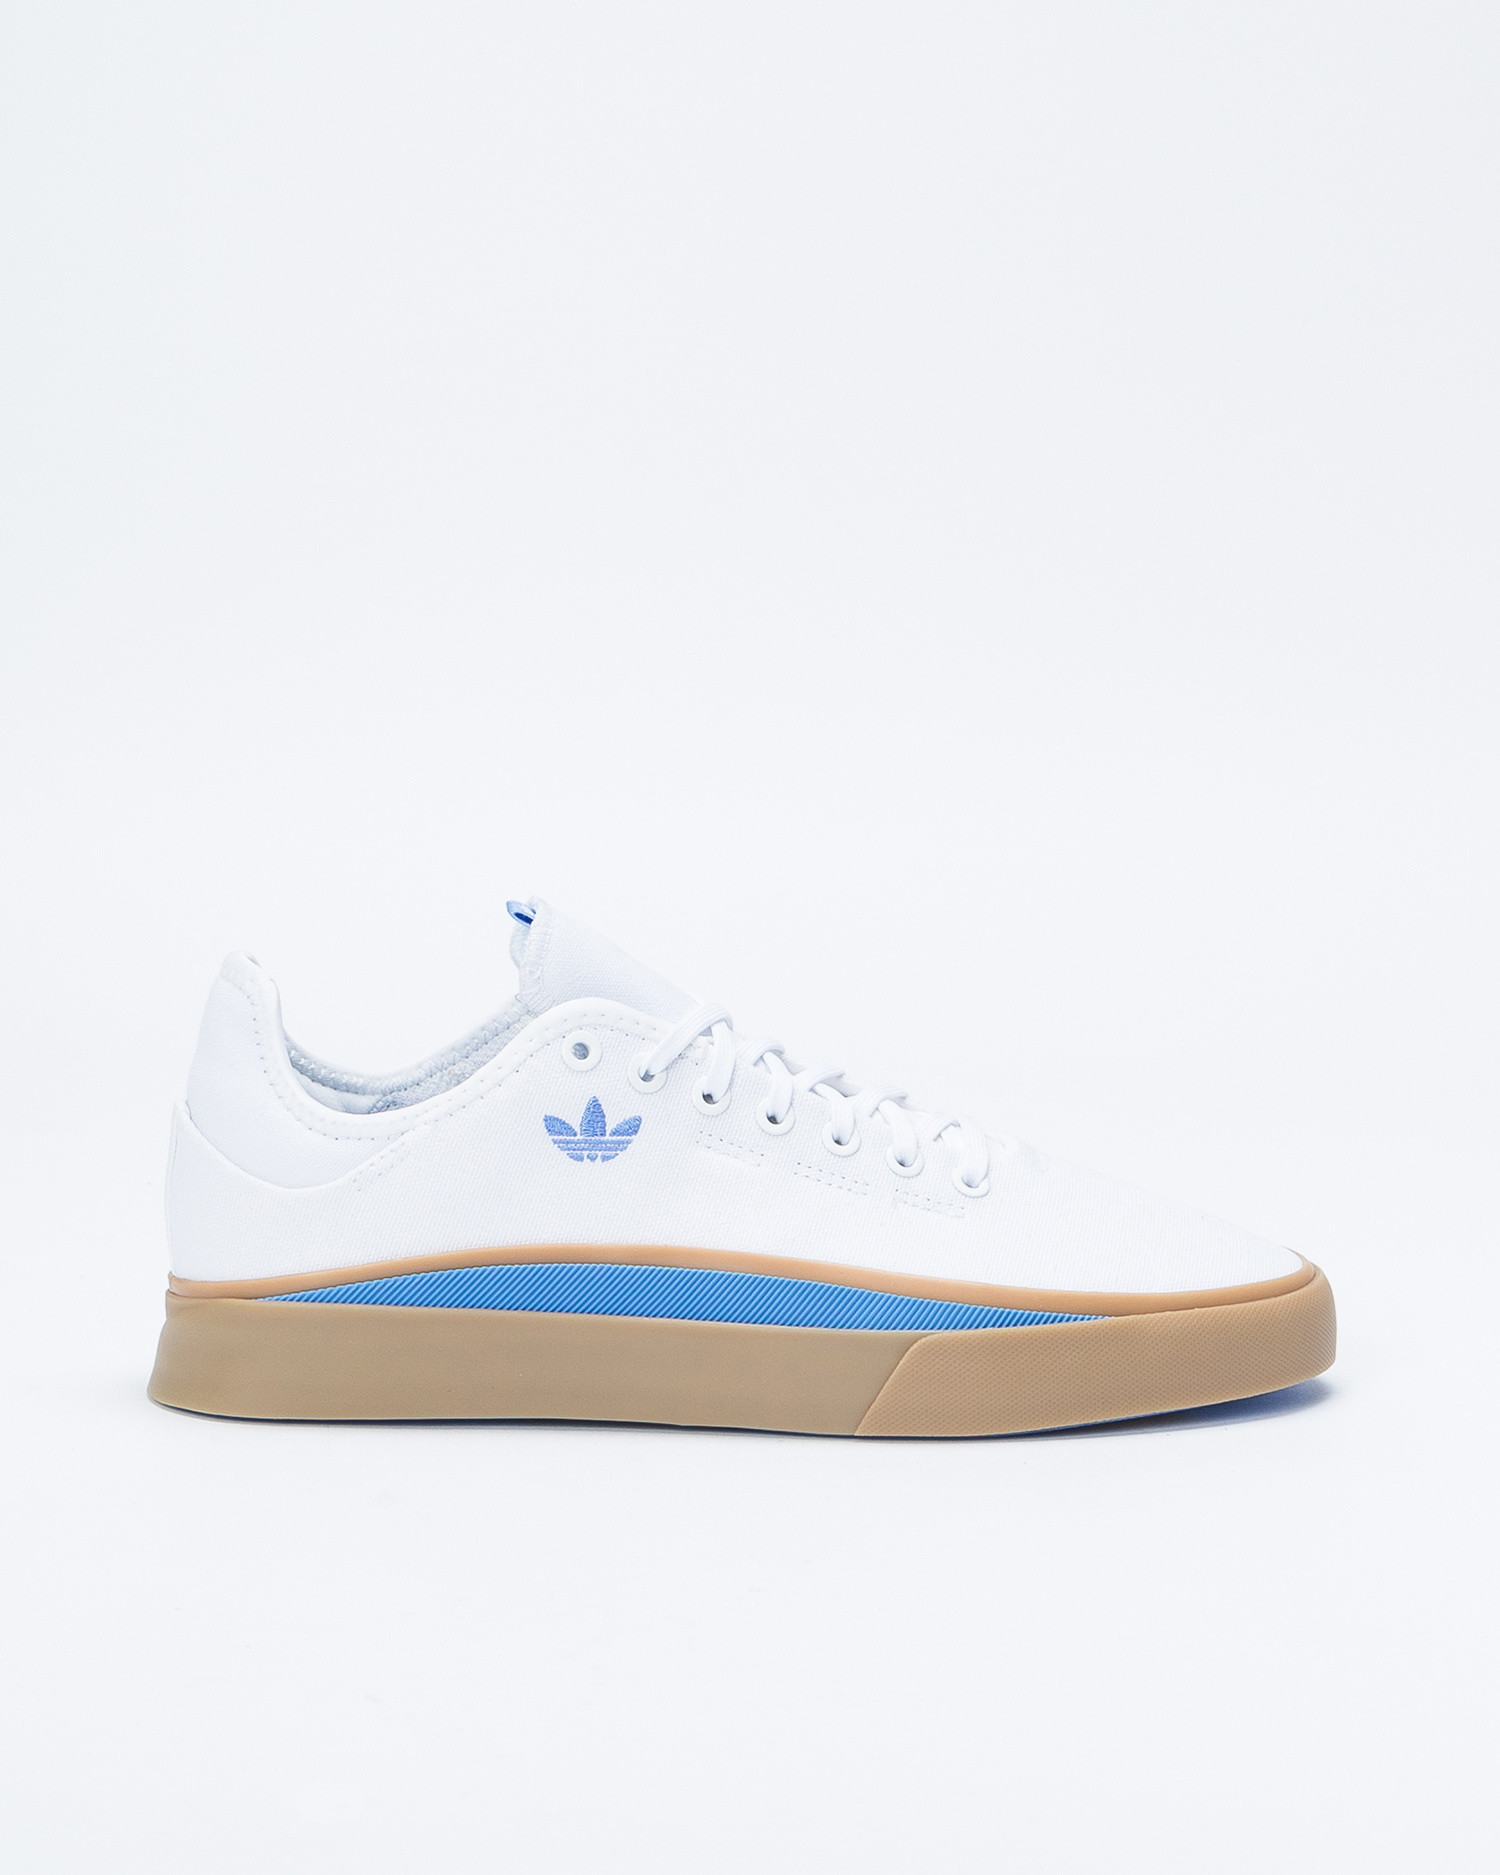 Adidas Sabalo Ftwwht/Reablu/Gum4